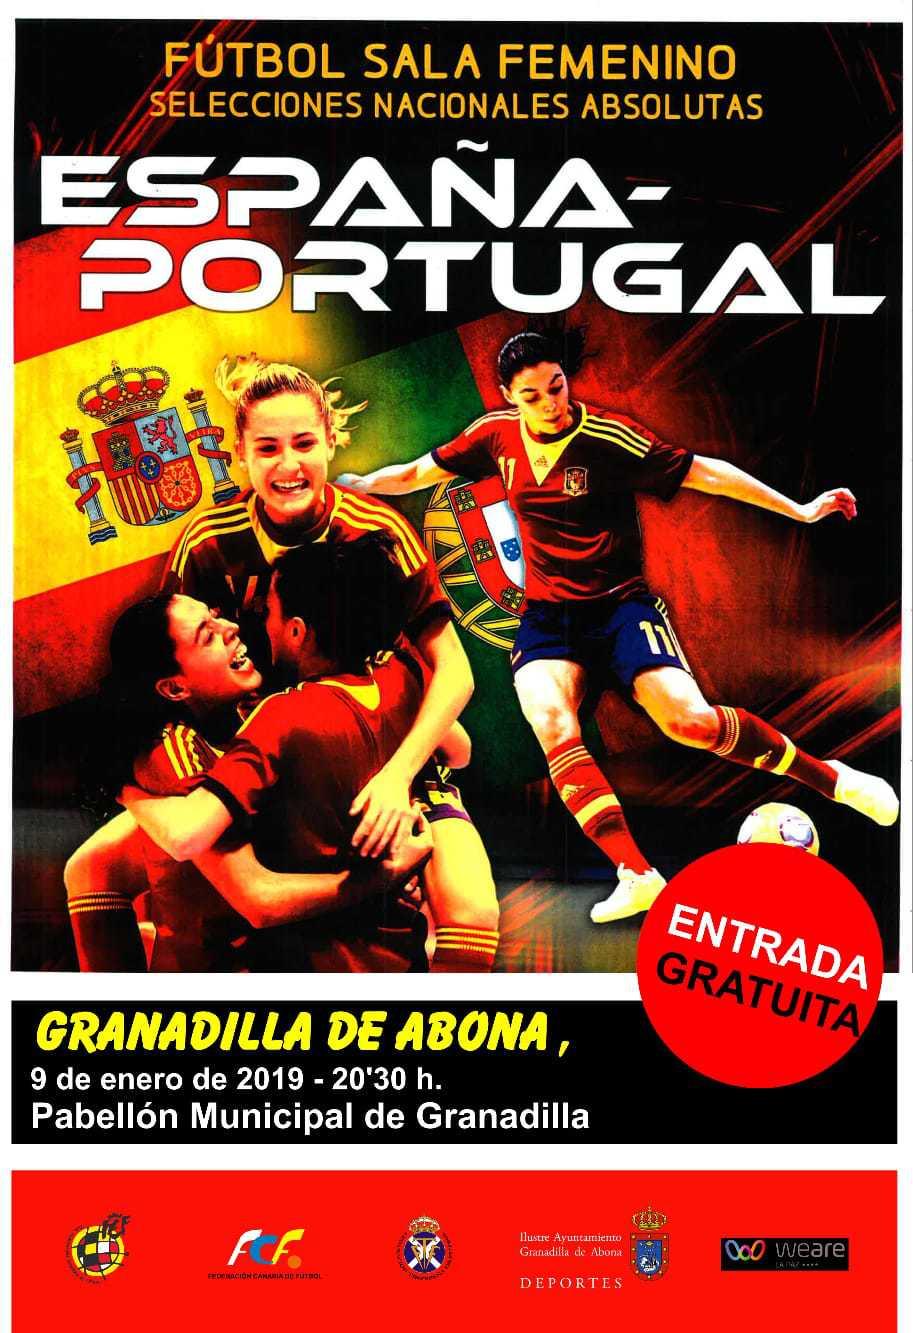 'España – Portugal' de fútbol sala femenino de selecciones nacionales absolutas, este miércoles en el Pabellón Municipal de Deportes